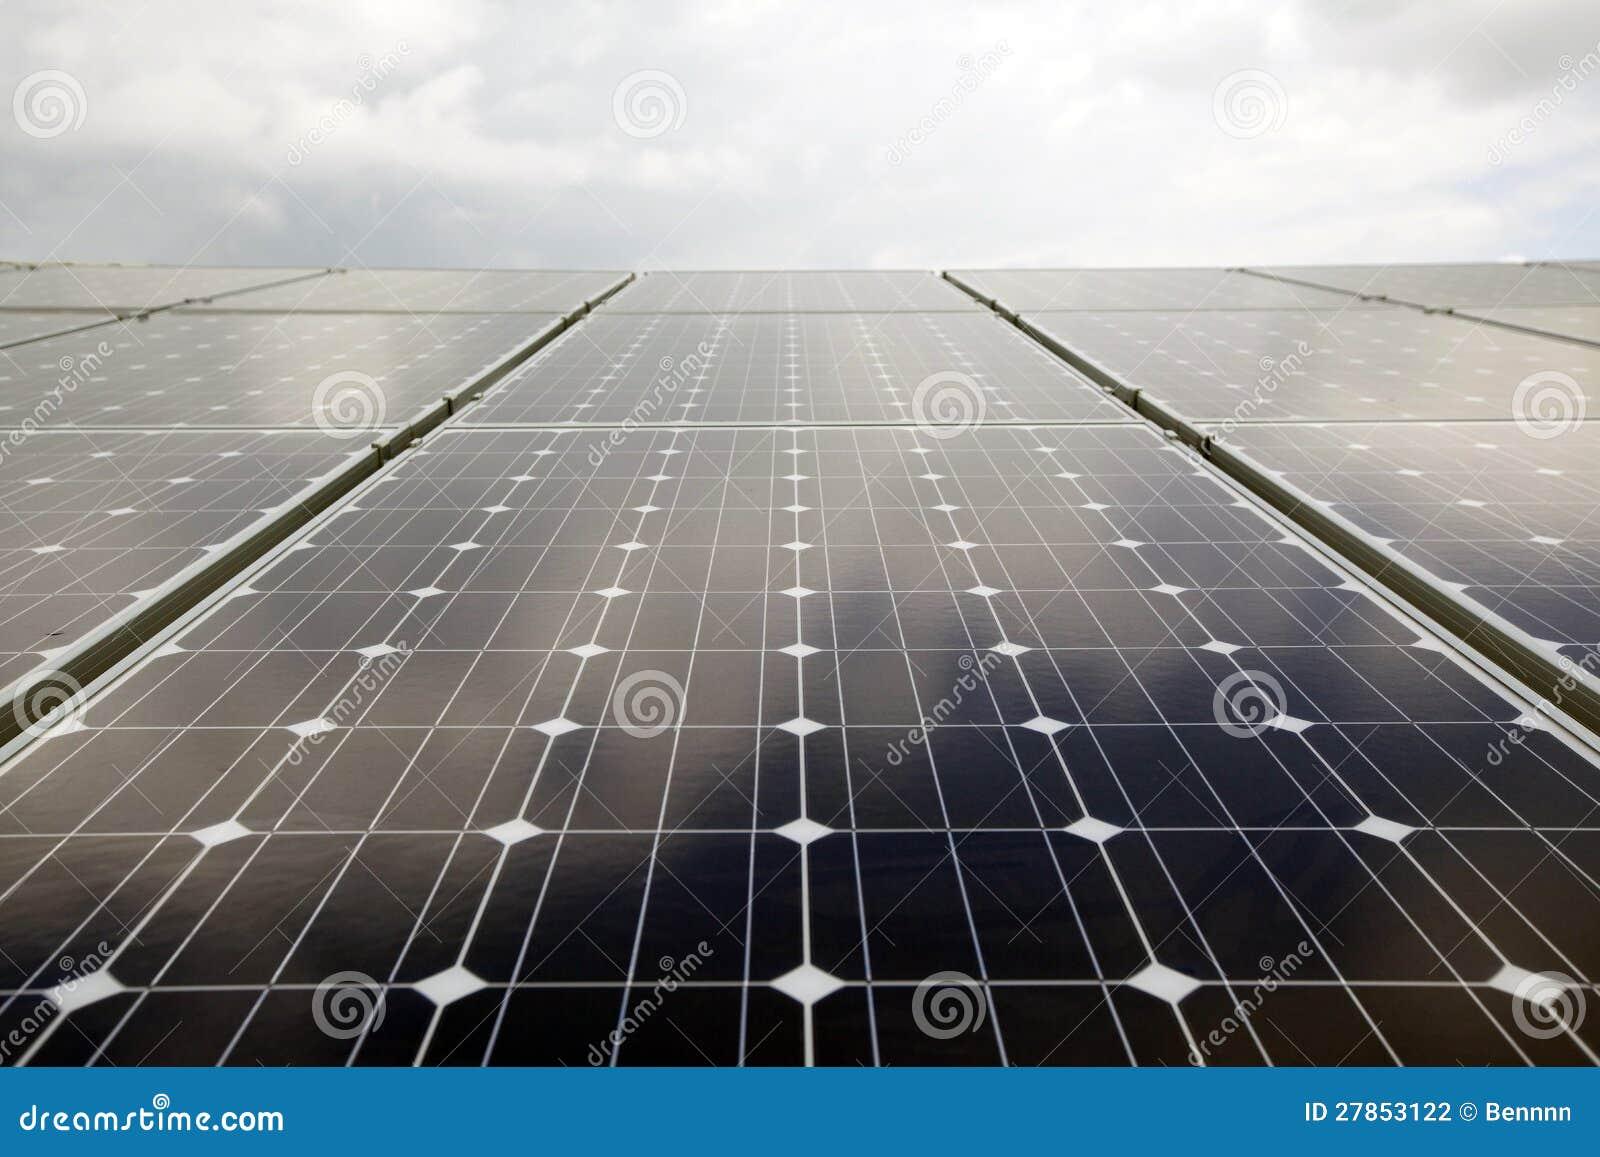 Odnawialna energia słoneczna